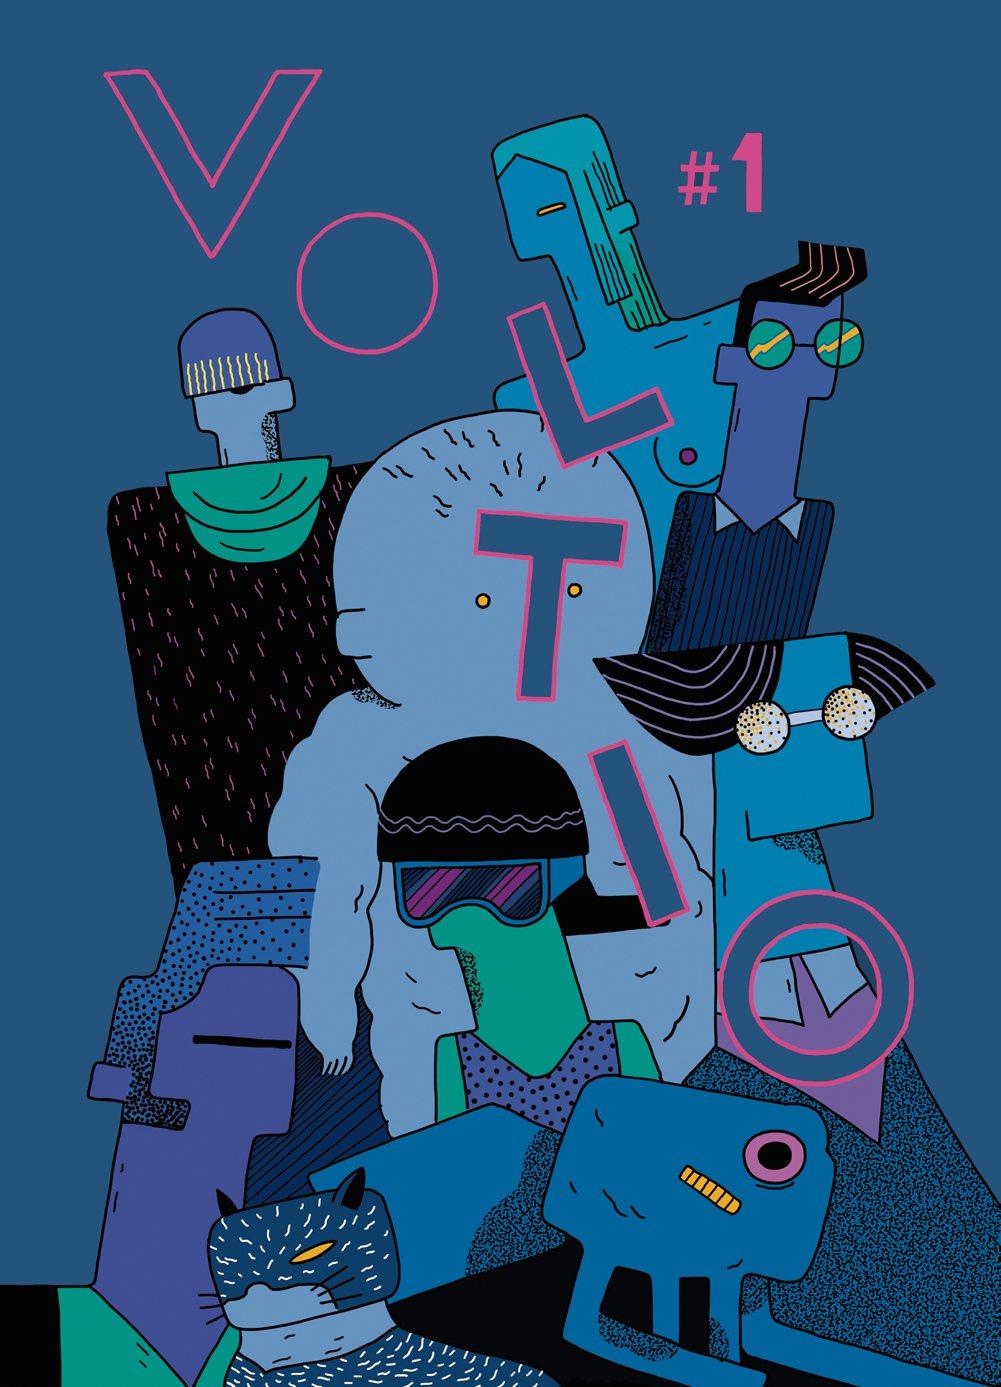 VOLTIO 01